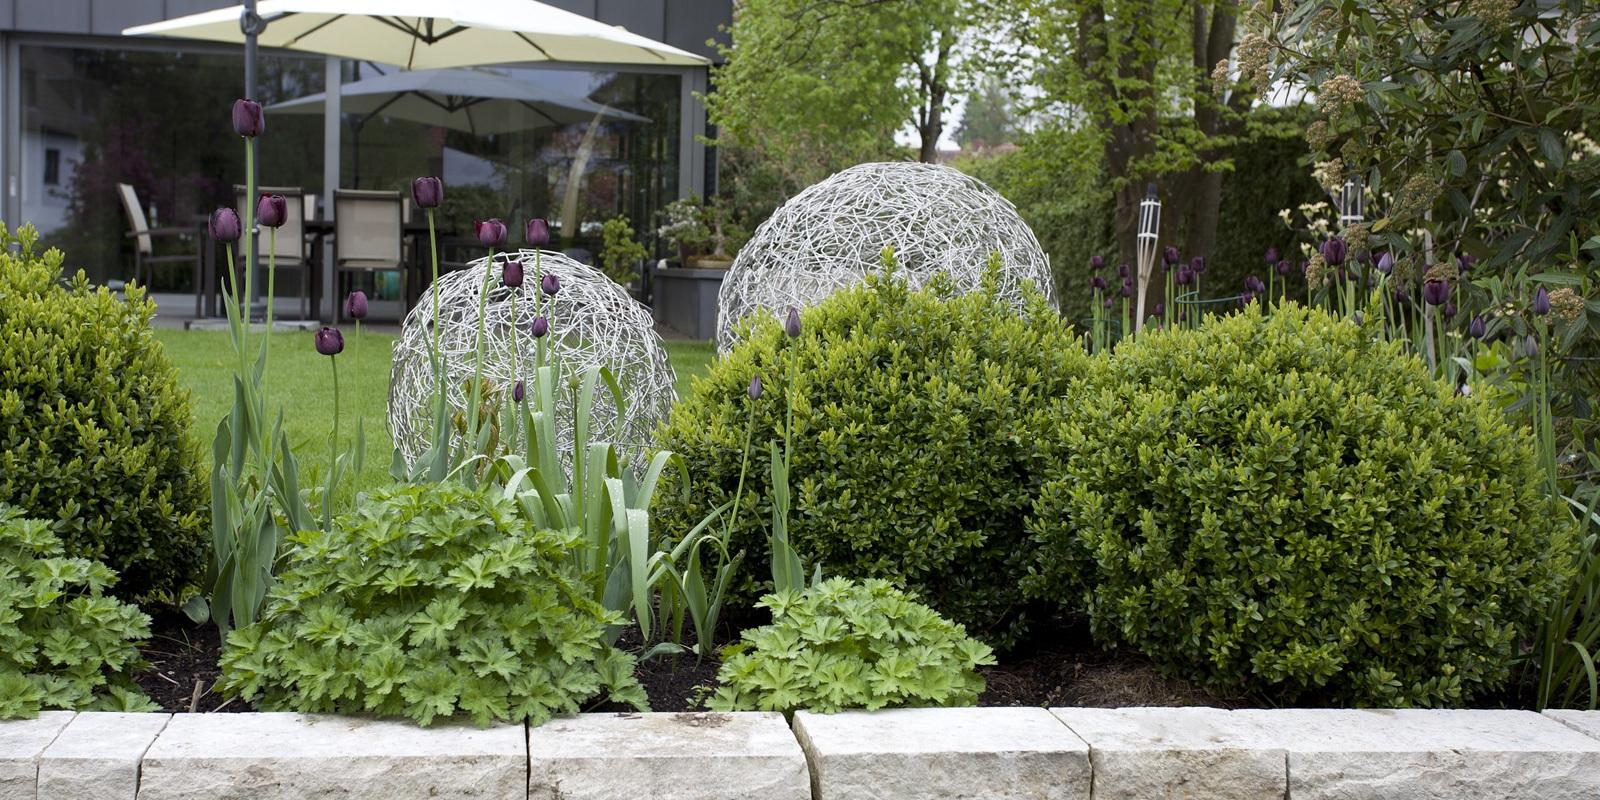 Leuchtobjekte wiederholen die Kugelform des Buchsbaums, Privatgarten Gräfelfing